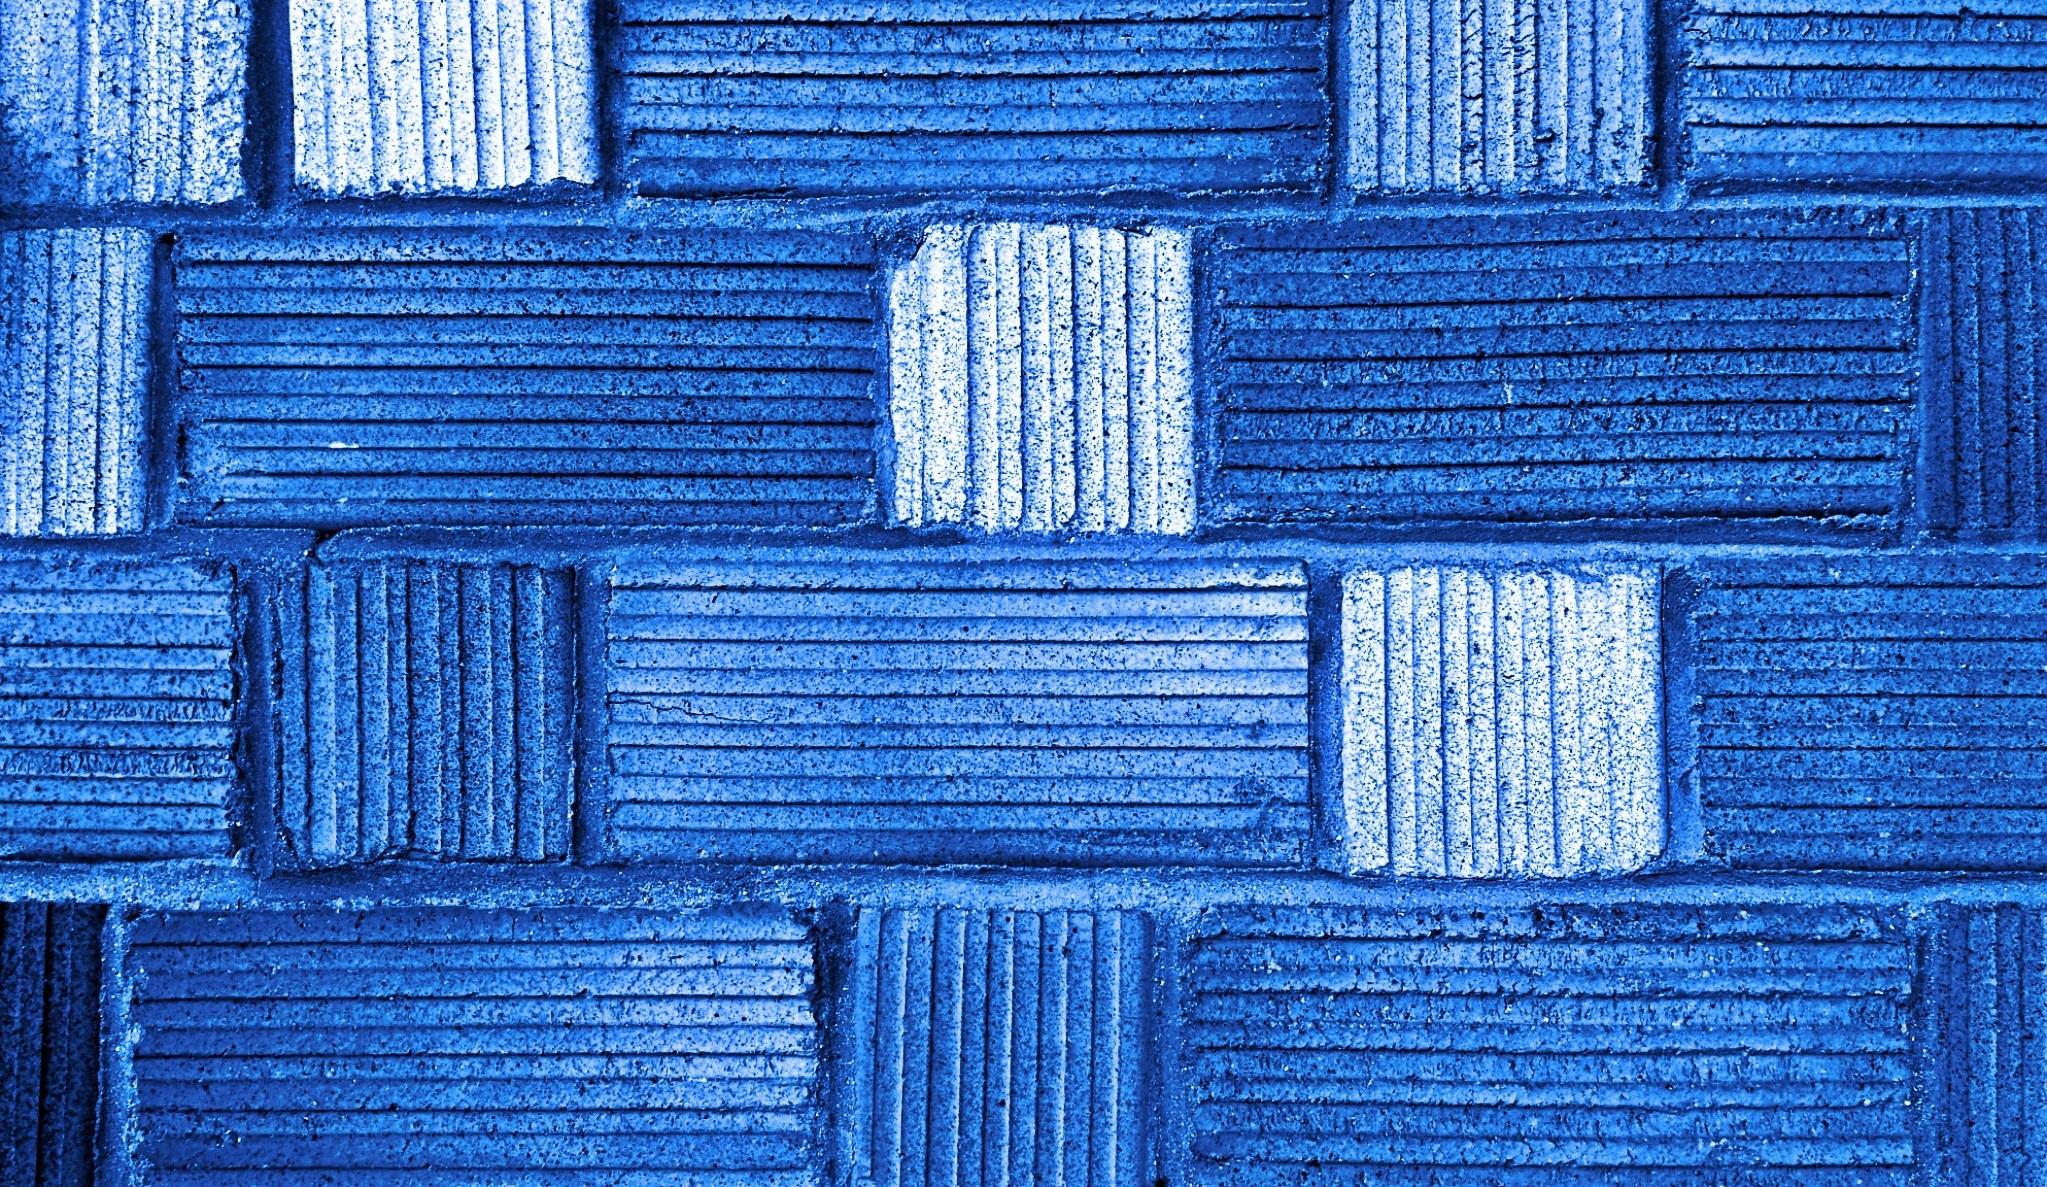 무료 이미지 건축물 구조 포도 수확 복고풍의 조직 바닥 내부 늙은 구성 무늬 선